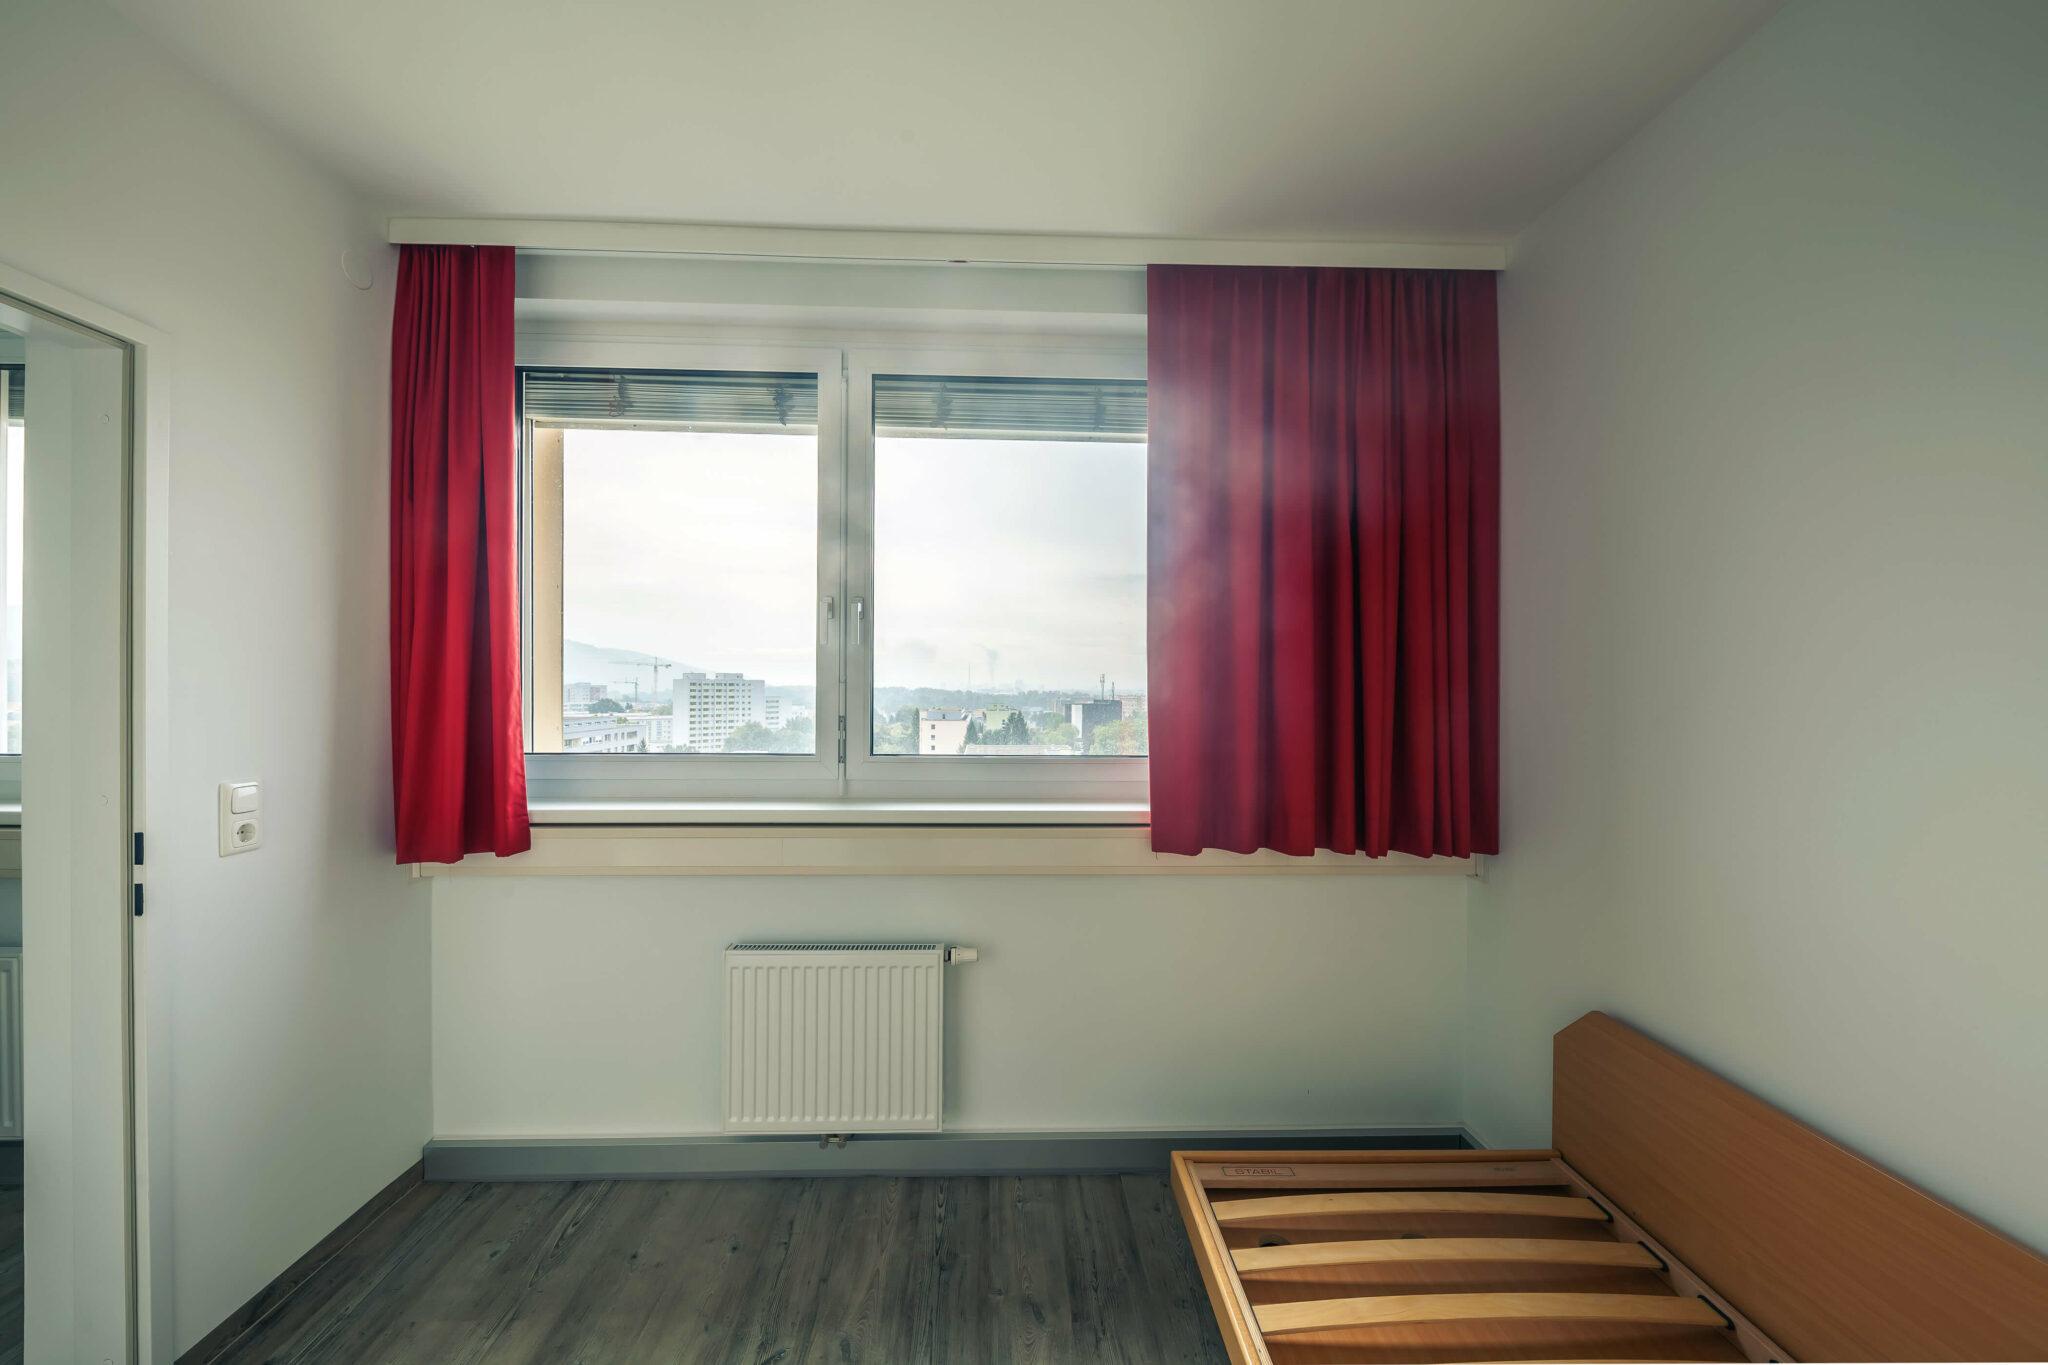 WIST_Wohnen_fuer_Studierende_2021_Barbara_Platz_fue_mich_Schlafzimmer